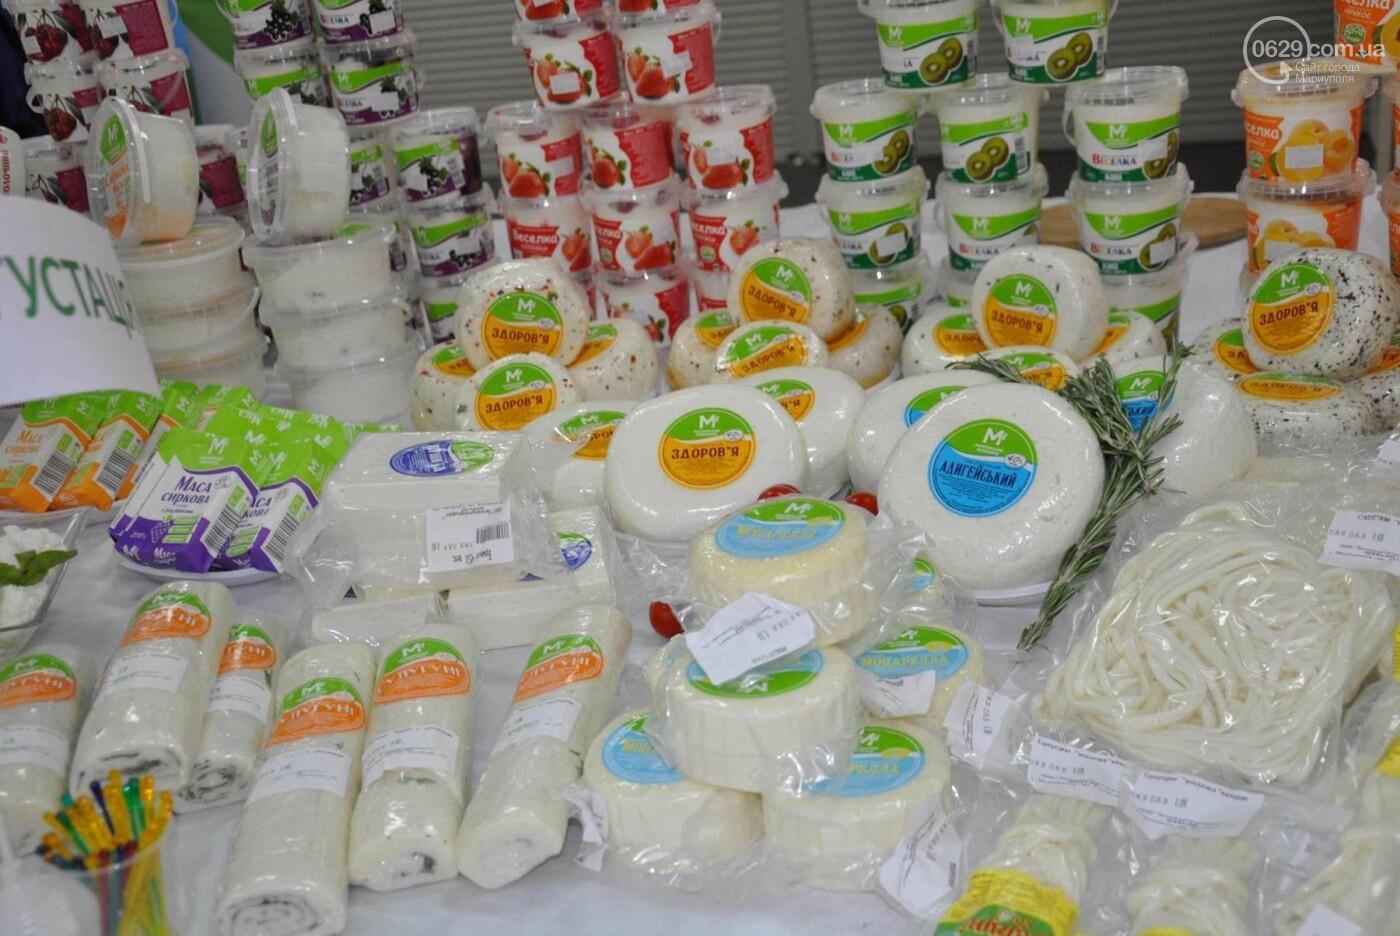 Юрий Тернавский: «Мариупольский молокозавод может напоить молоком каждого жителя Мариуполя и Приазовья», фото-103